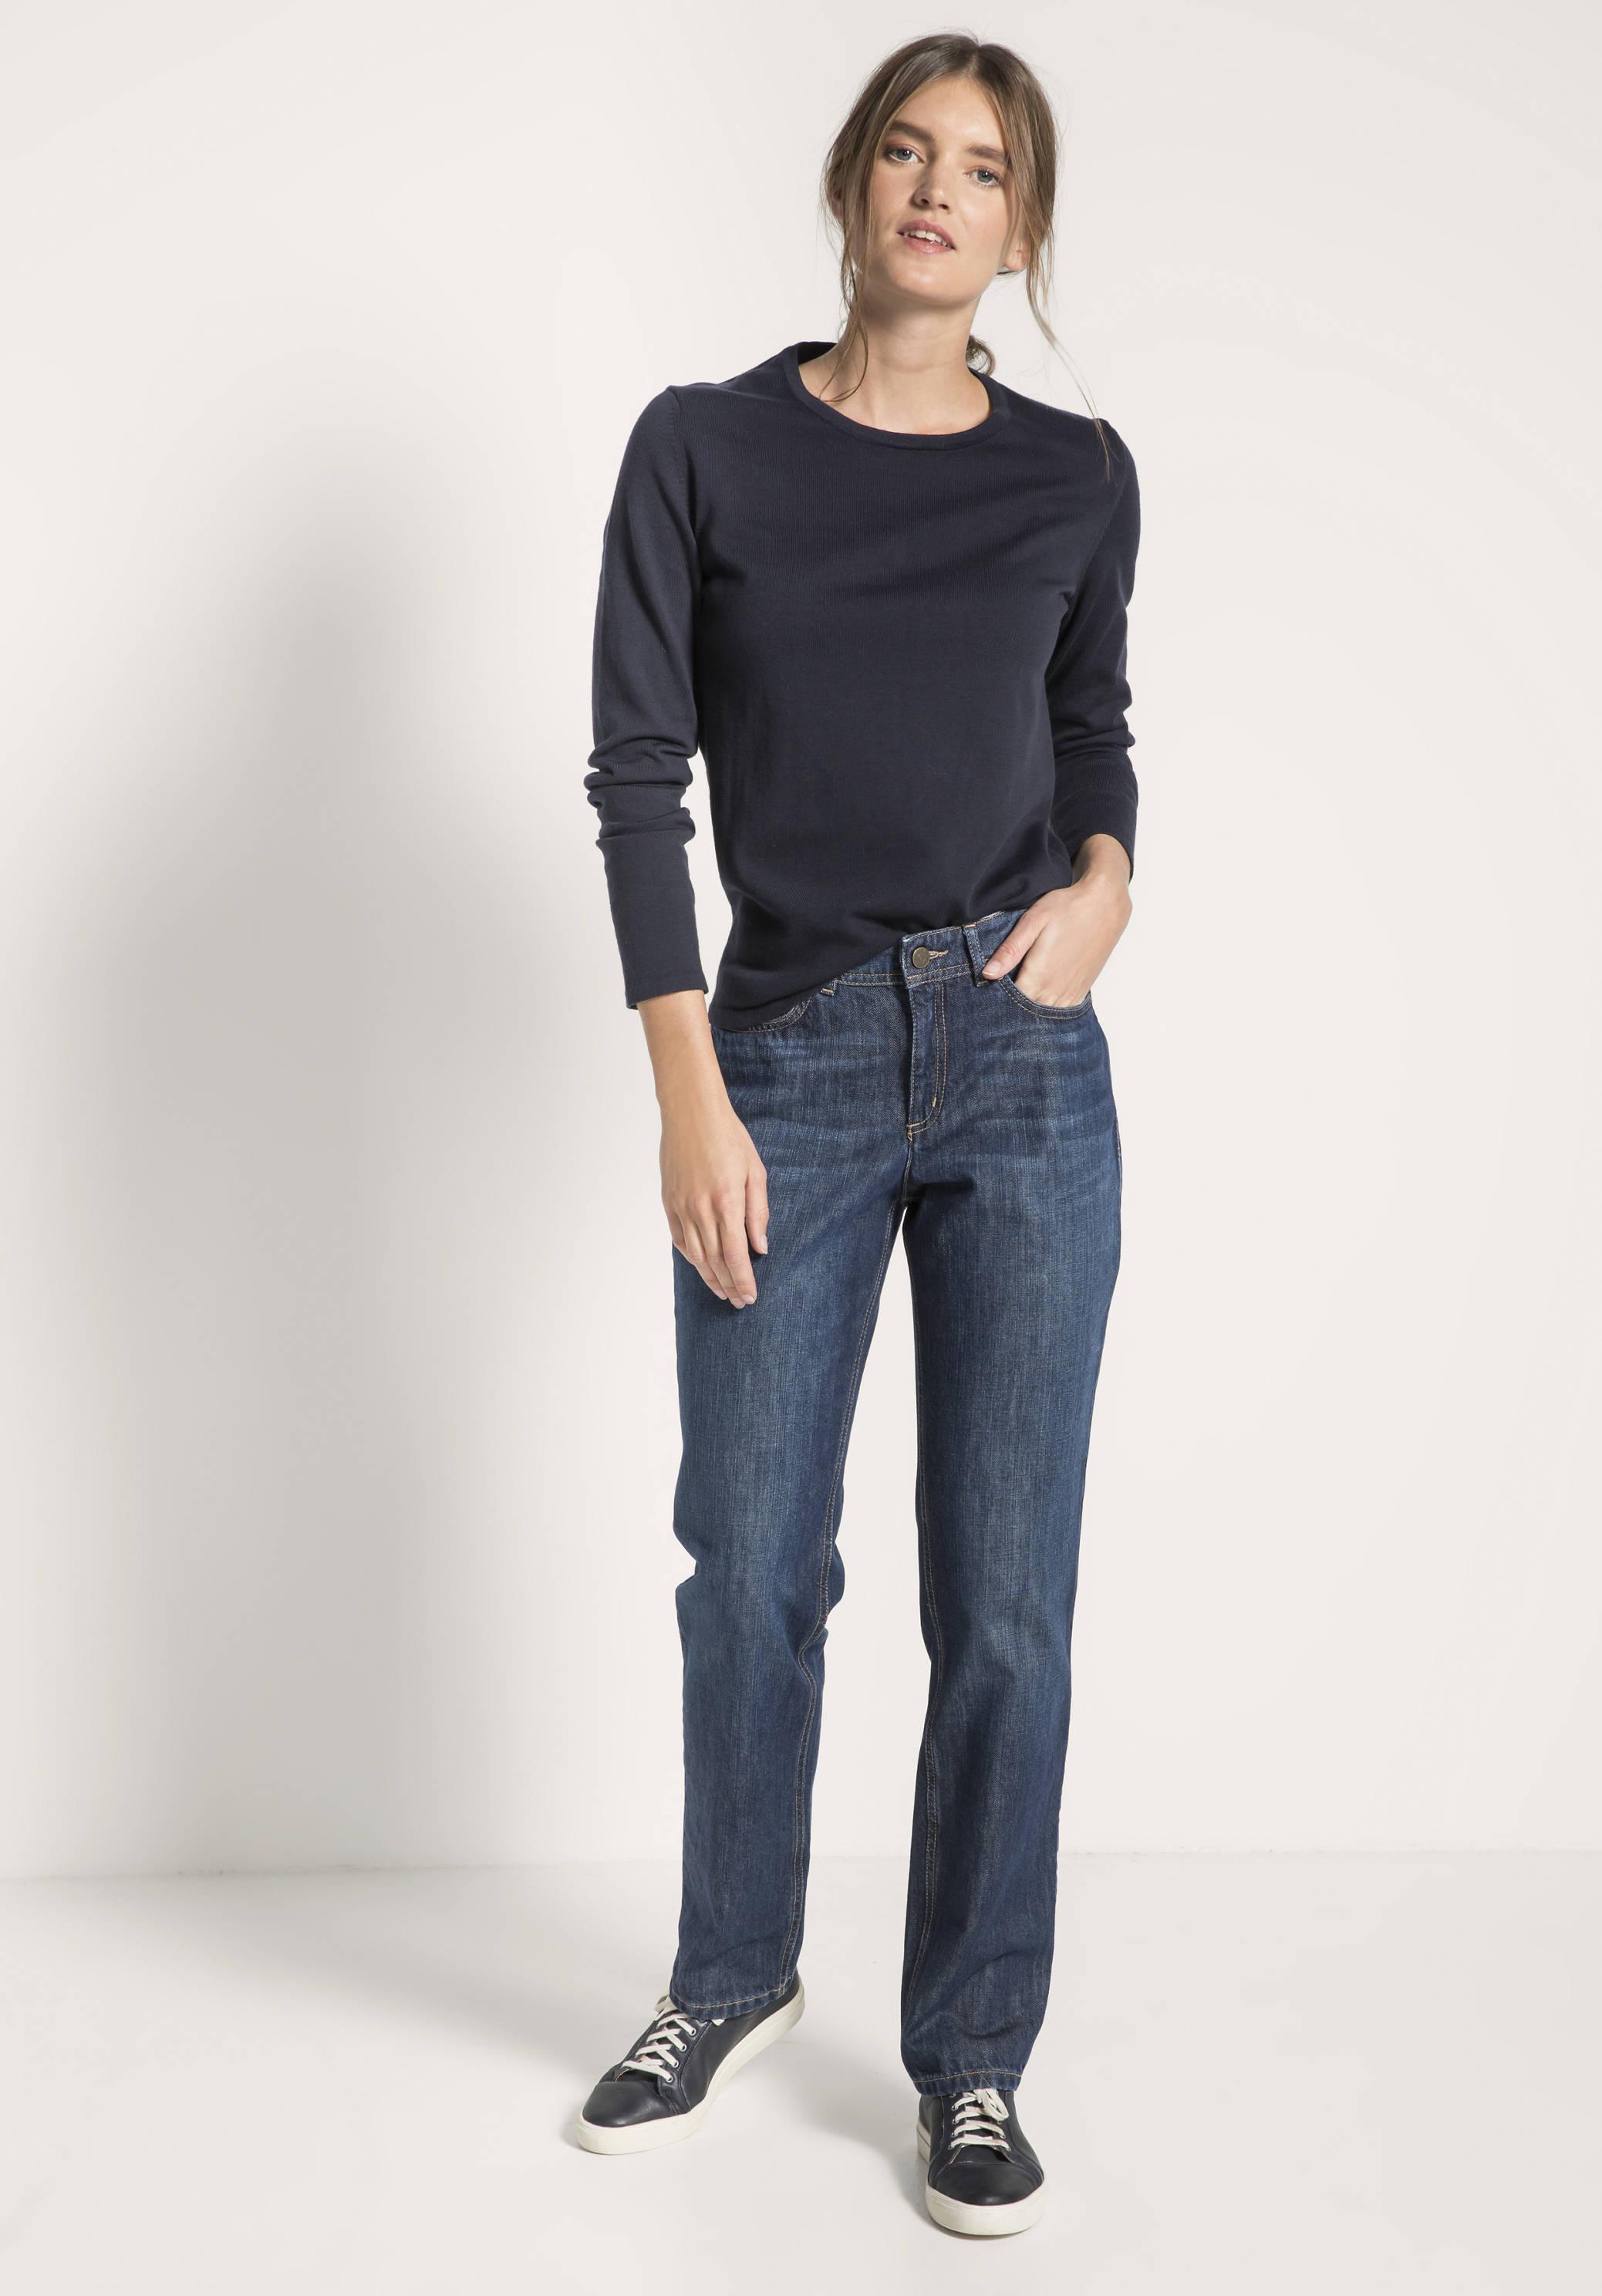 damen jeans comfortfit ko fashion bio fair und sozial hessnatur deutschland. Black Bedroom Furniture Sets. Home Design Ideas